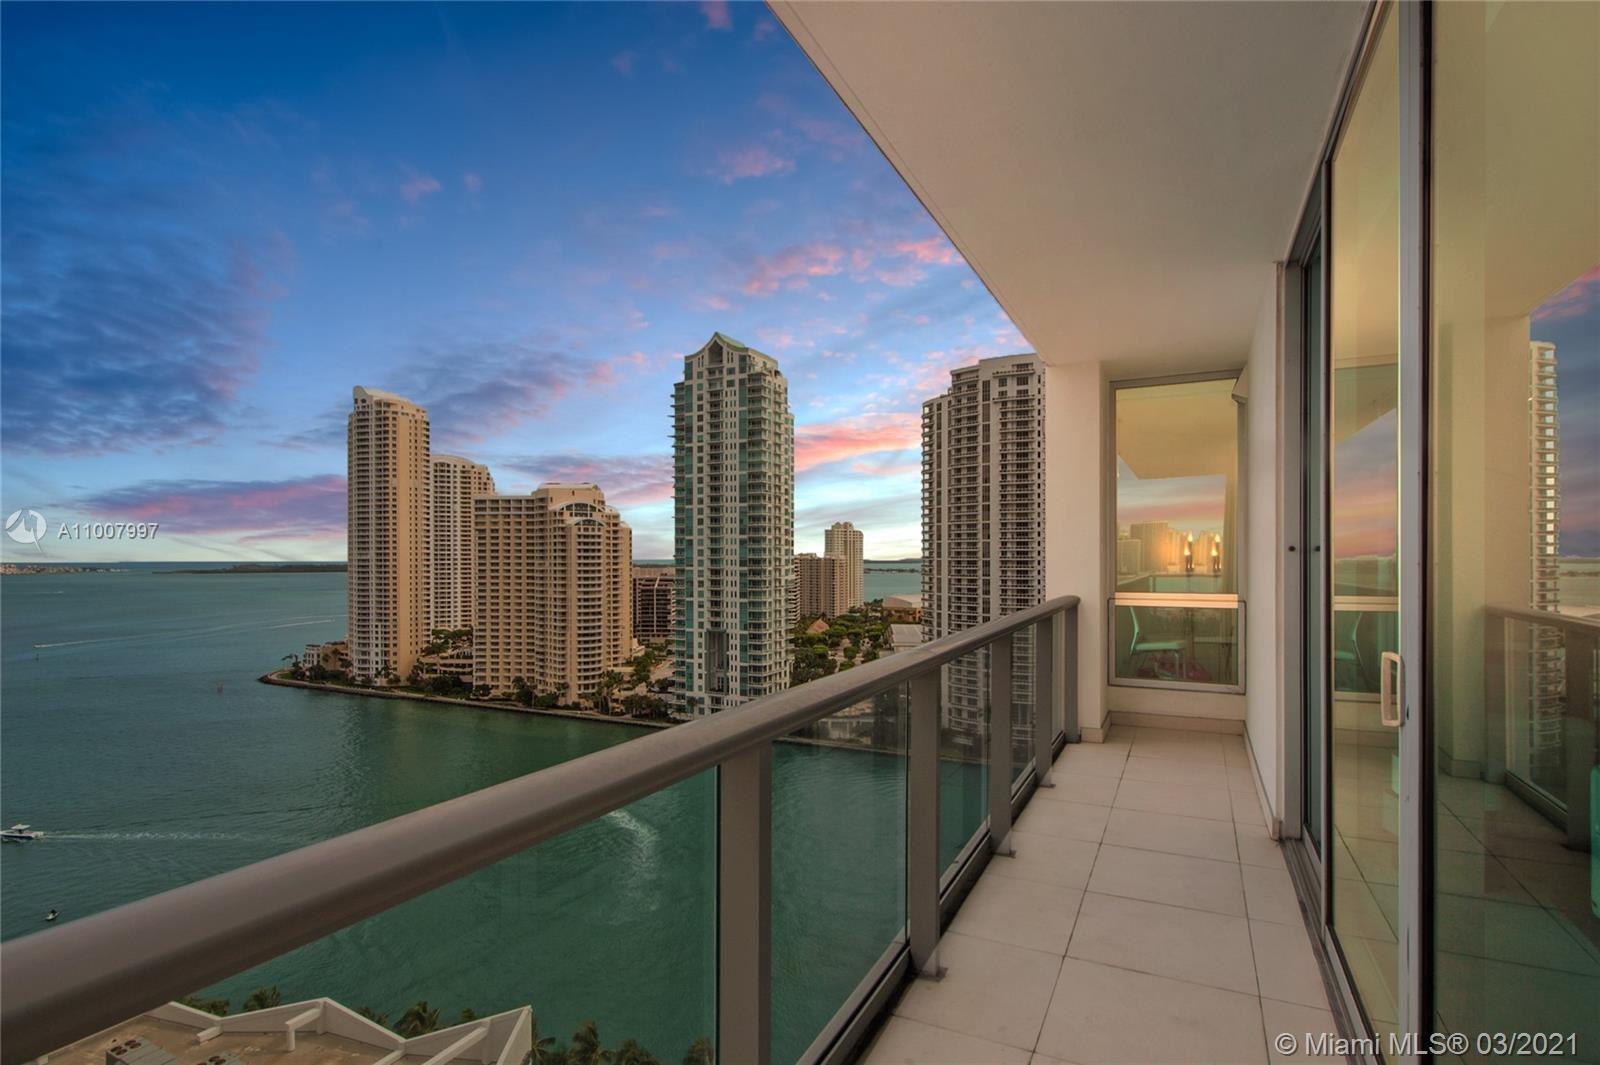 300 S Biscayne Blvd #T-1816, Miami, FL 33131 - #: A11007997